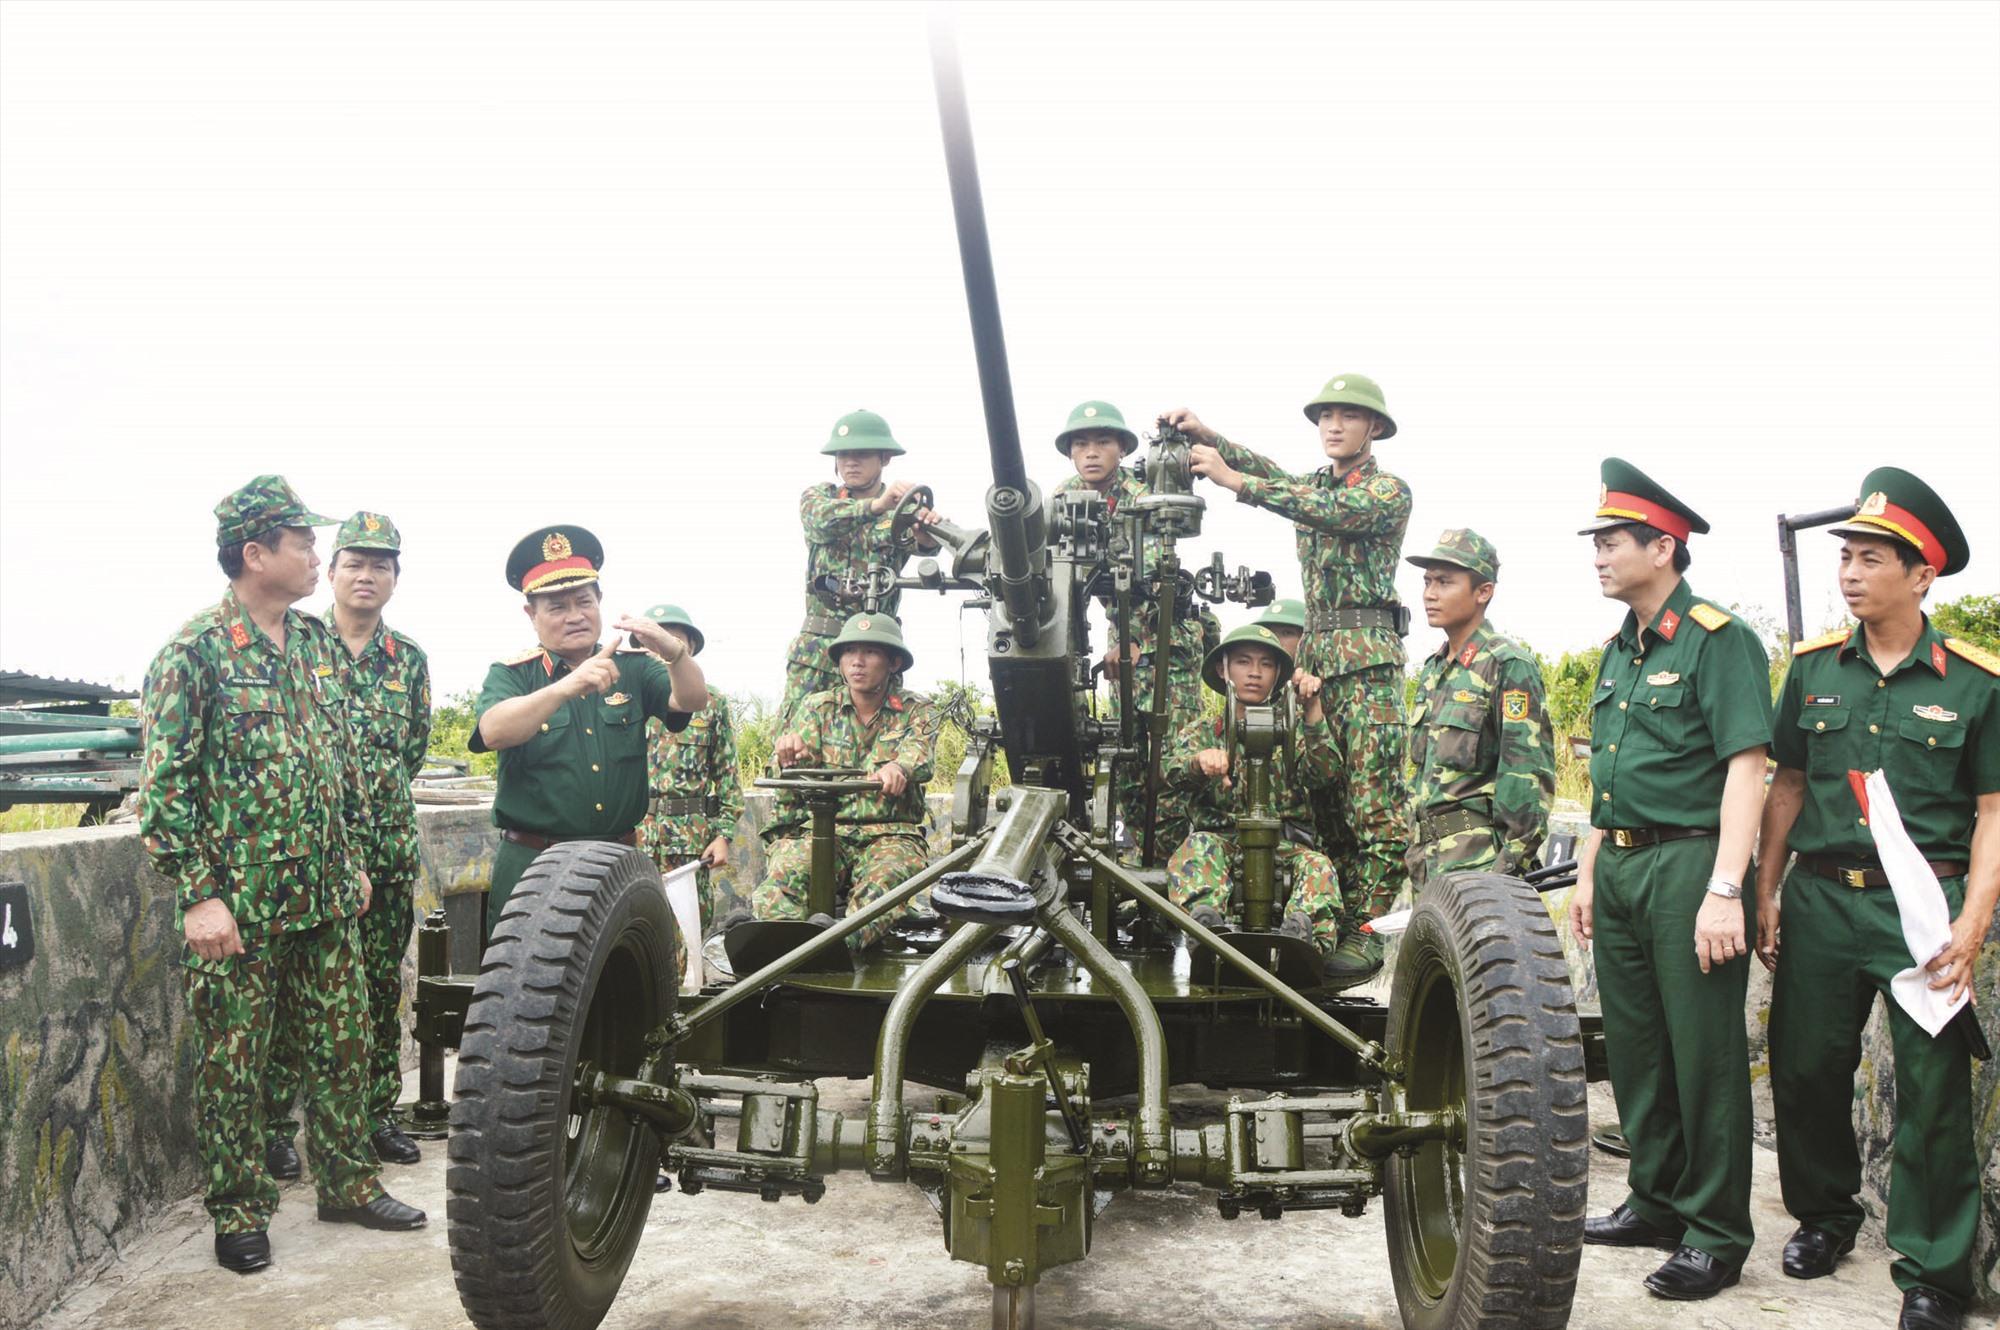 Kiểm tra trận địa pháo PK37 tại Tiểu đoàn 70. Ảnh: TRẦN THÔNG